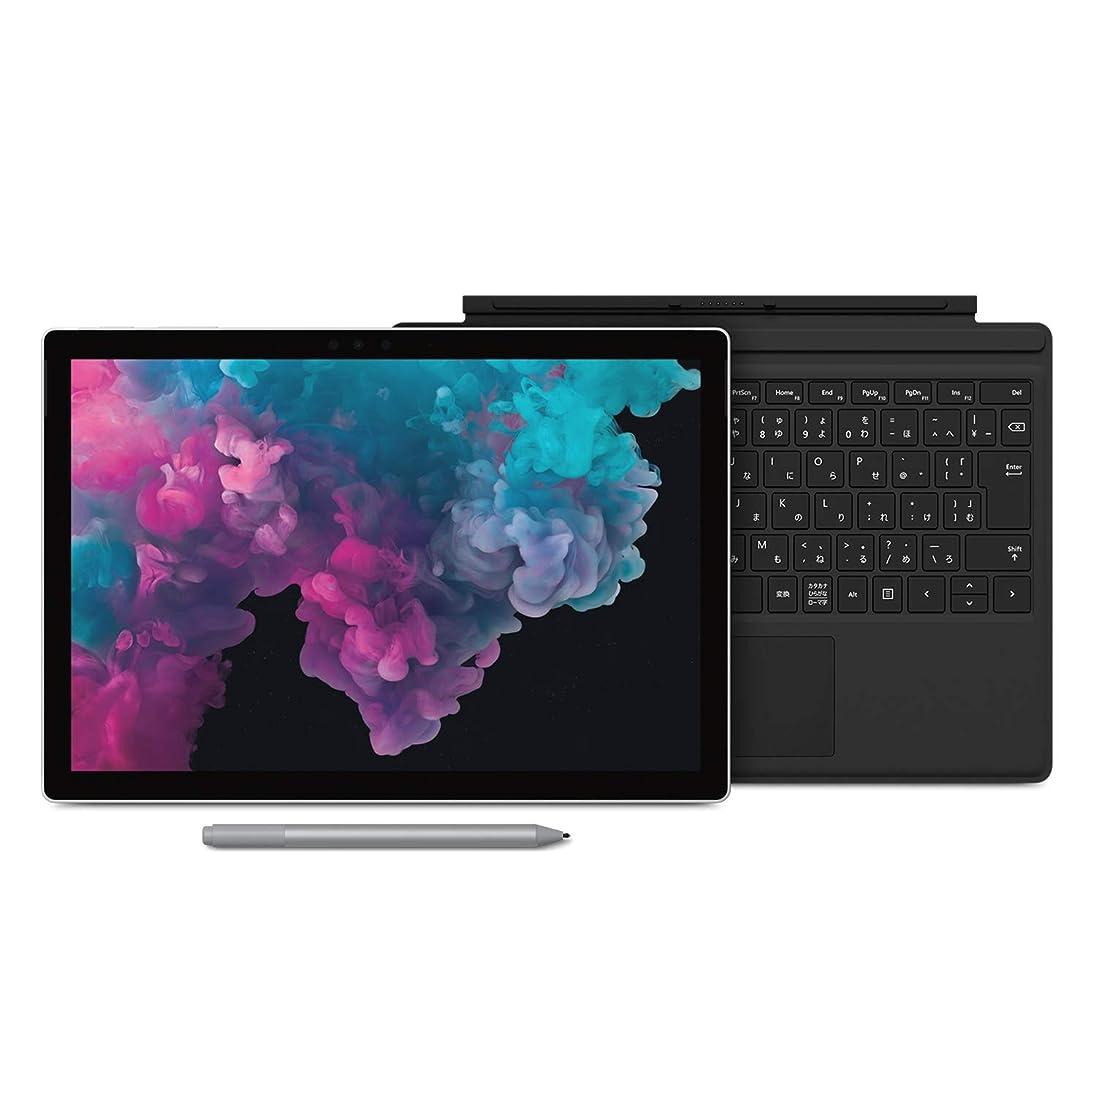 すでに雄弁原始的な新品 hp250 G6 Notebook 4PA35PA-AABF Gemini Lake win10 4GB HDD 500GB IEEE802.11a/b/g/n/ac Bluetooth 5.0 オフィス無し